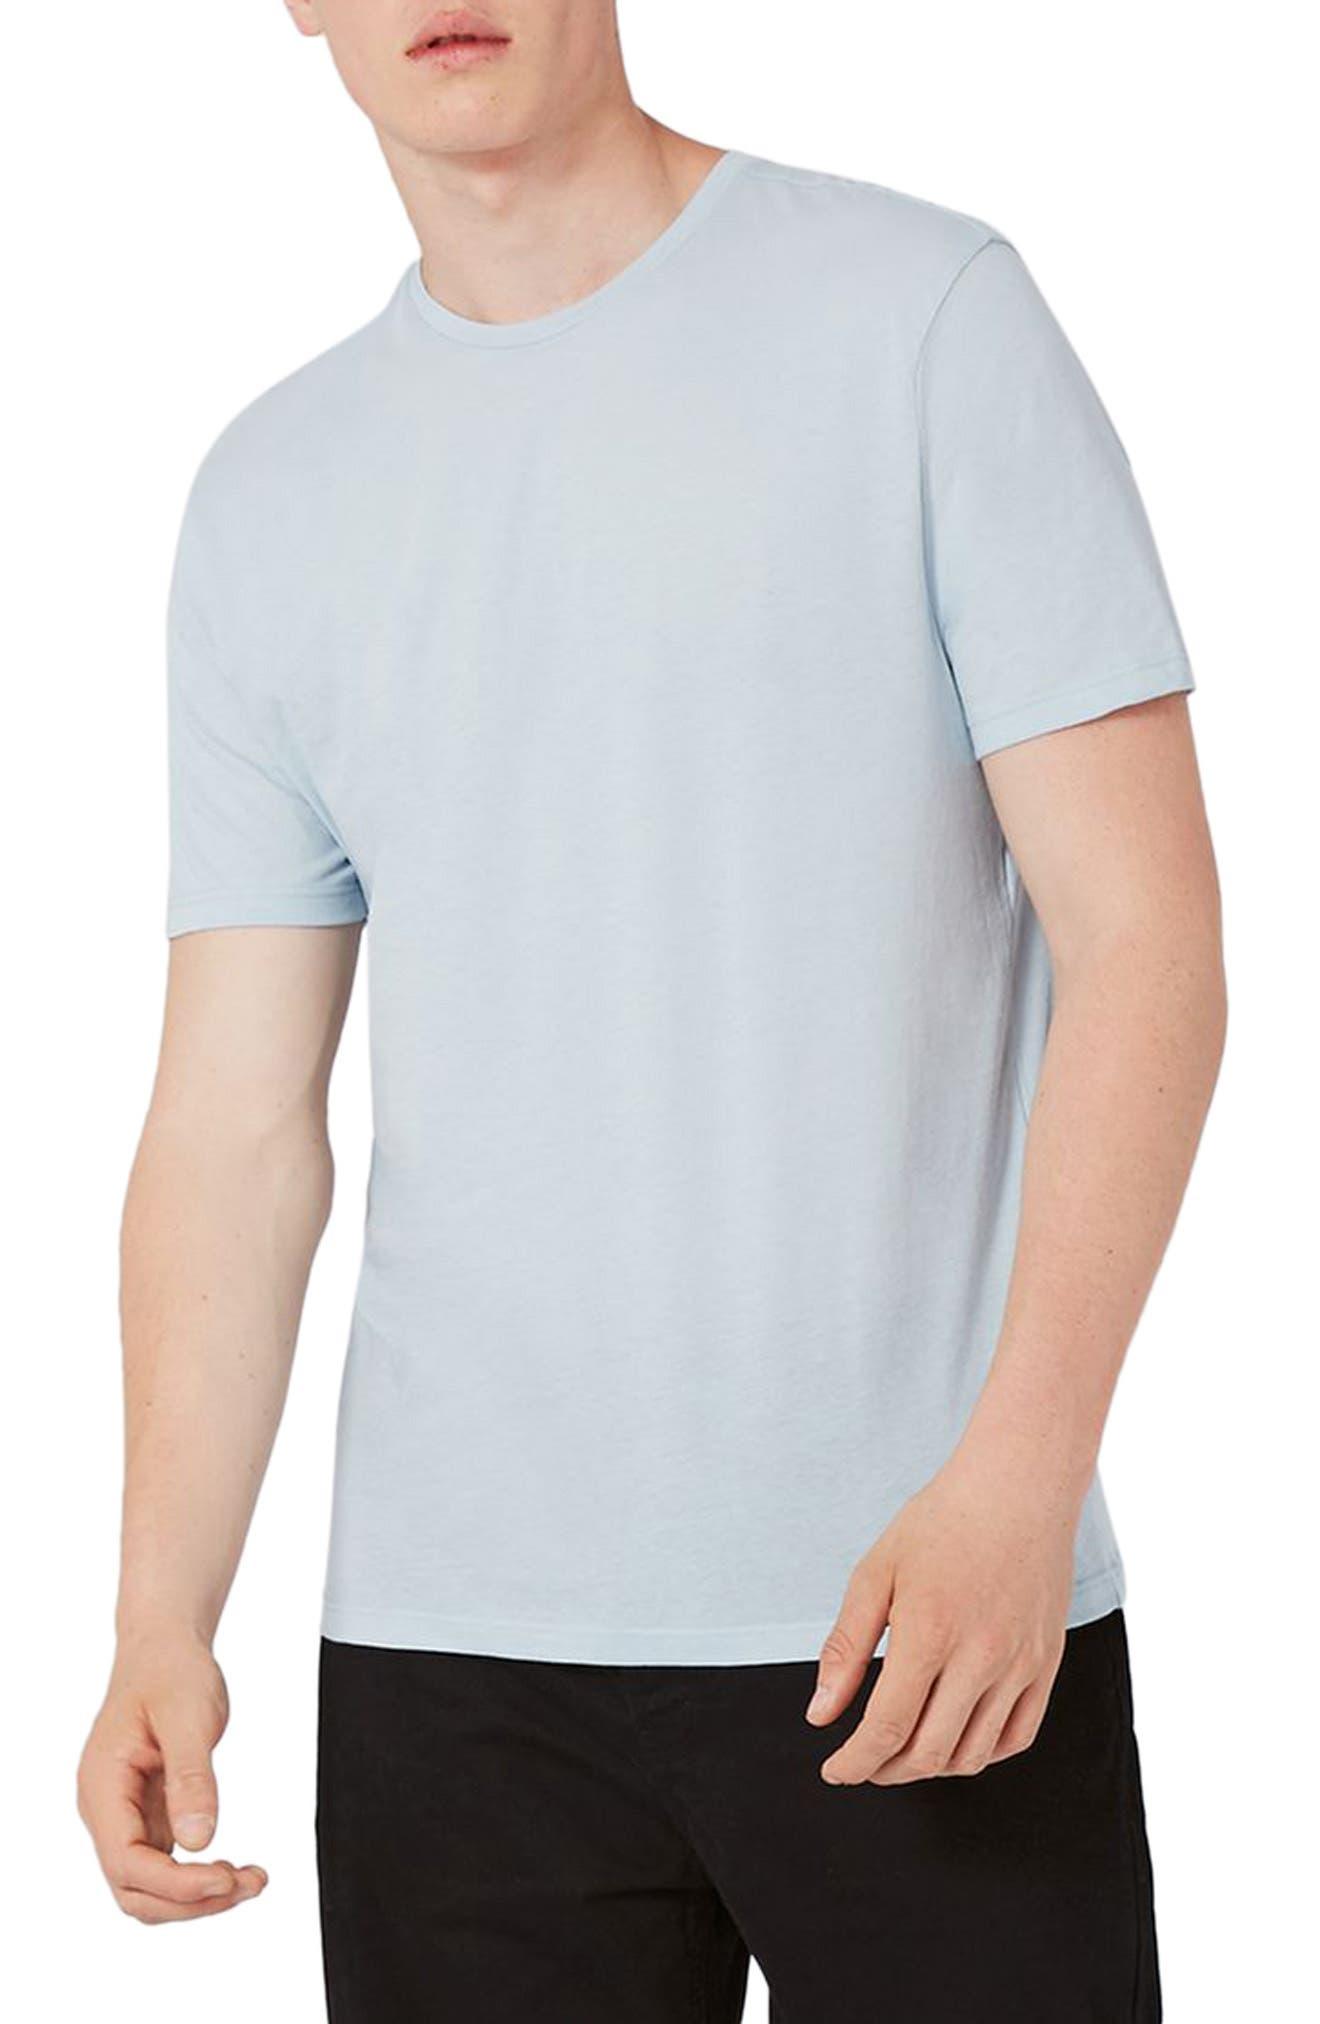 Topman Lightweight Cotton T-Shirt